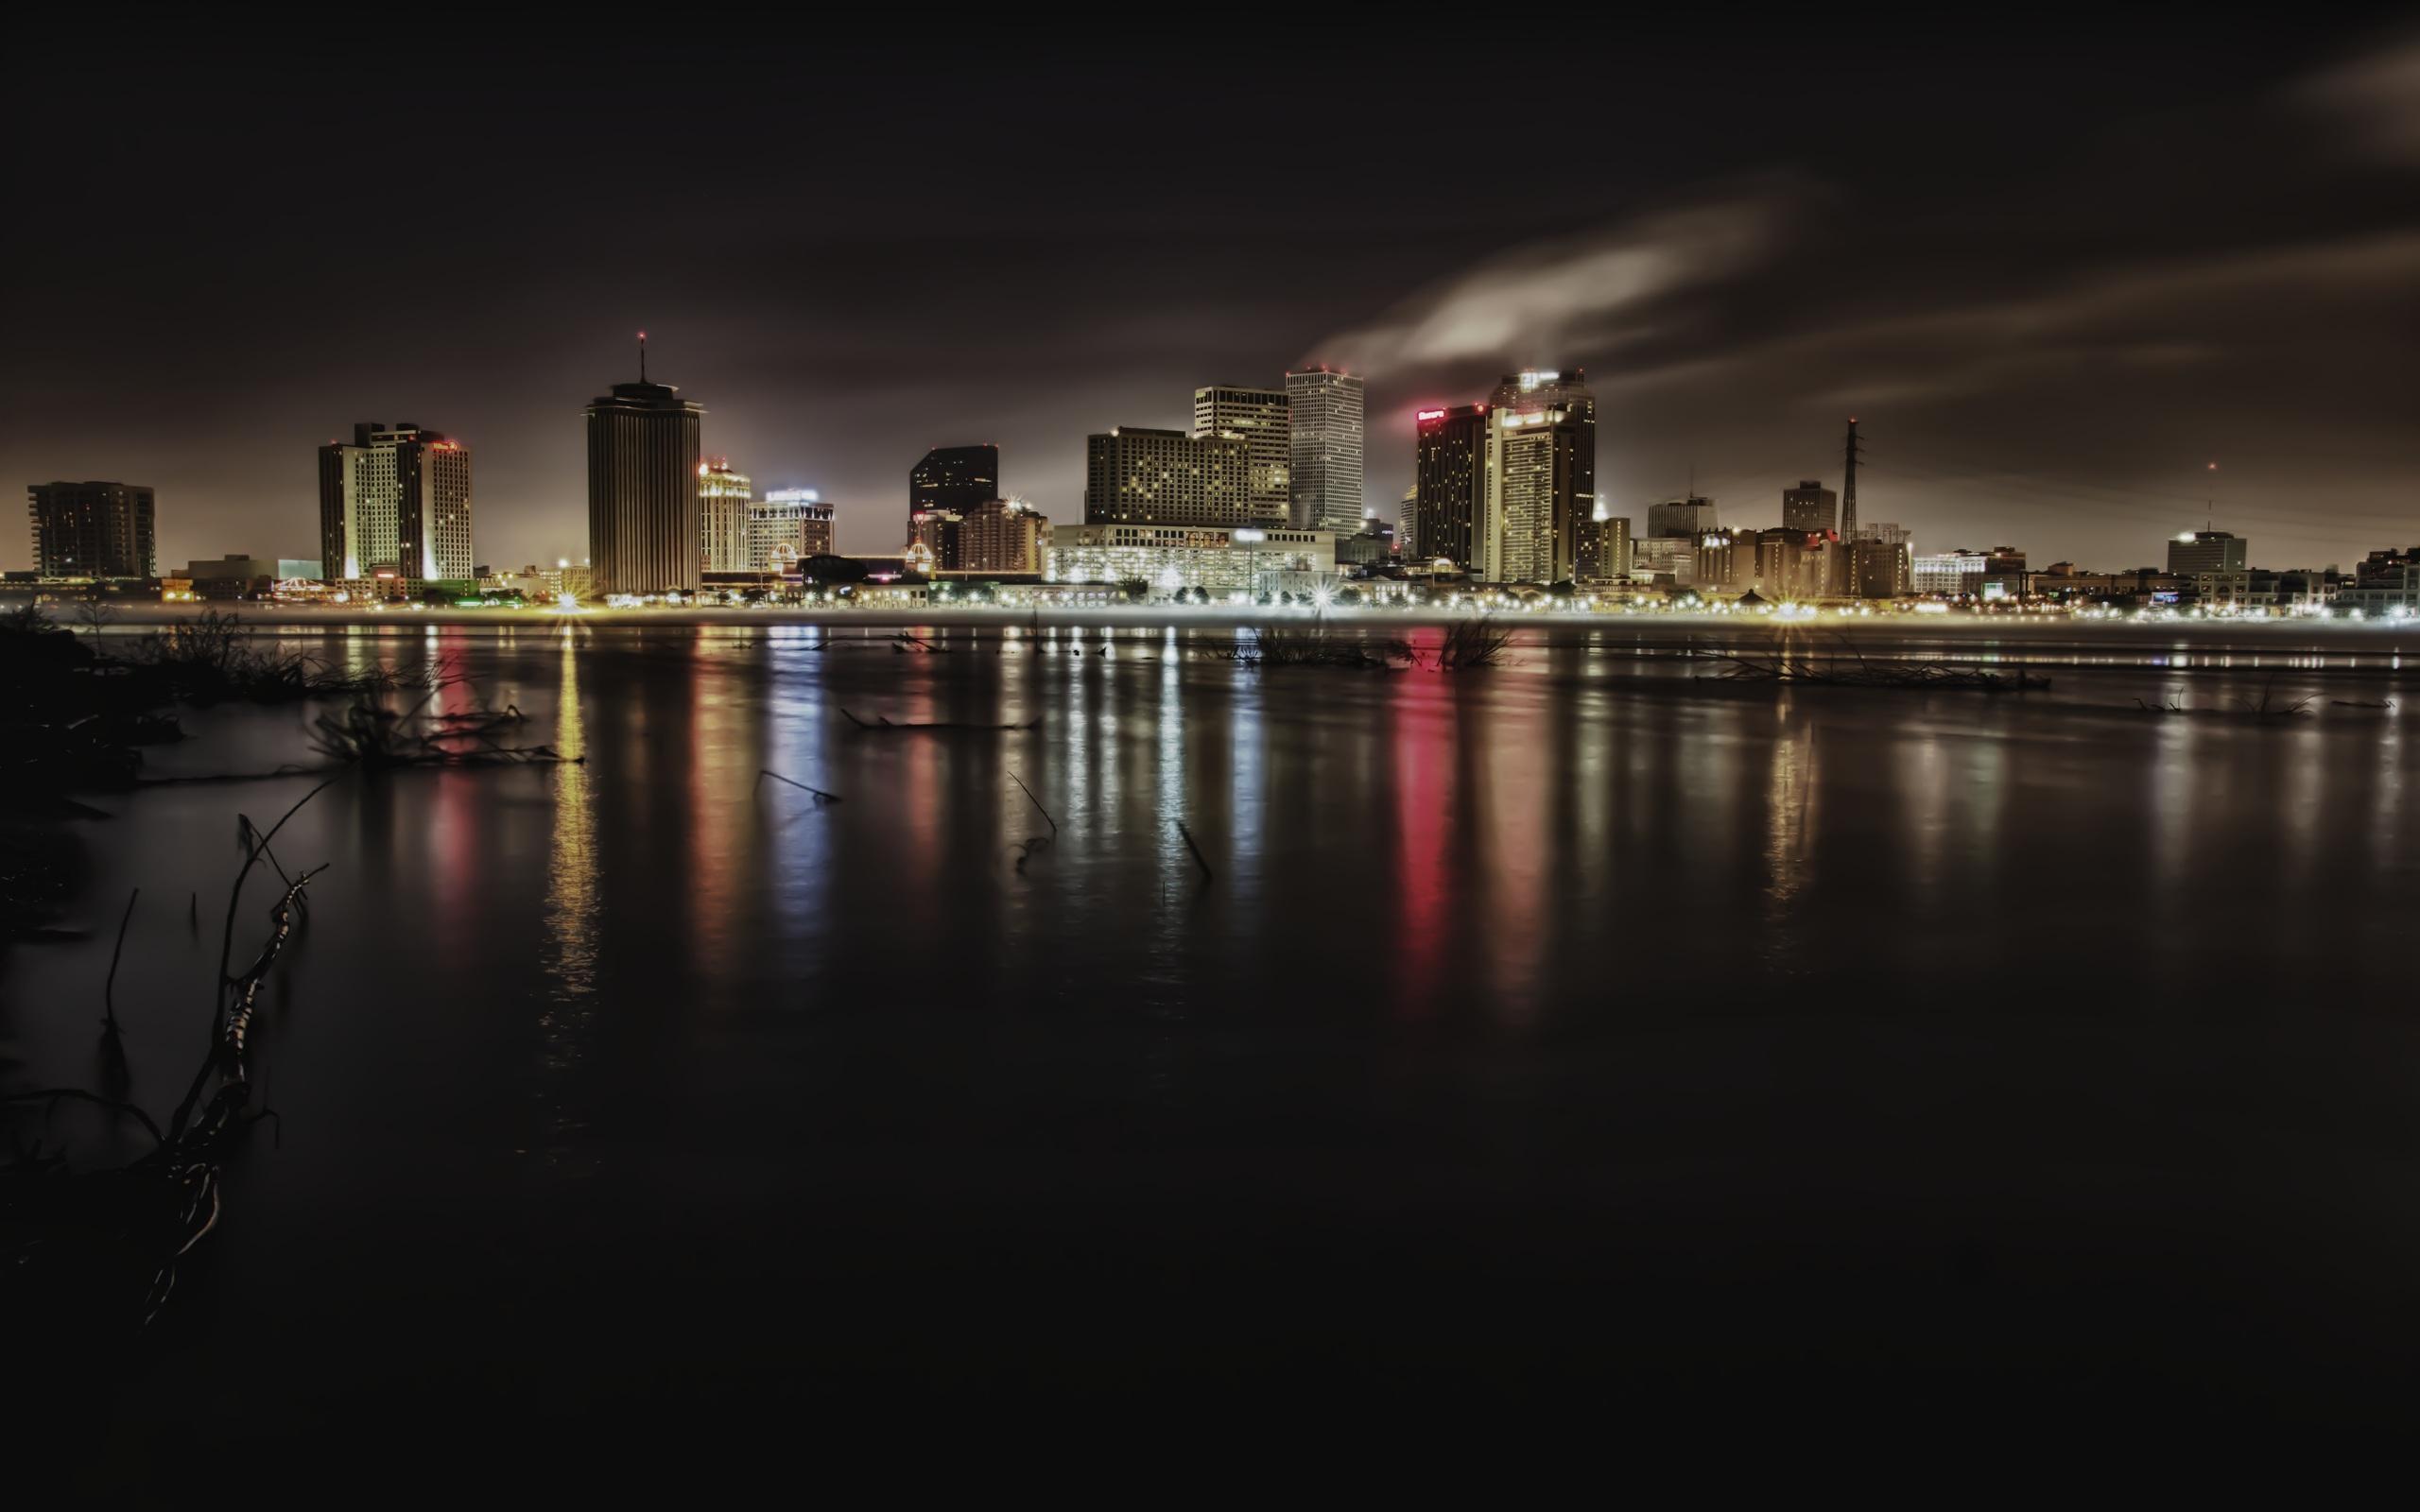 3d Moving Wallpapers City Lights Late Night Nola Skyline Hd Desktop Wallpaper Widescreen